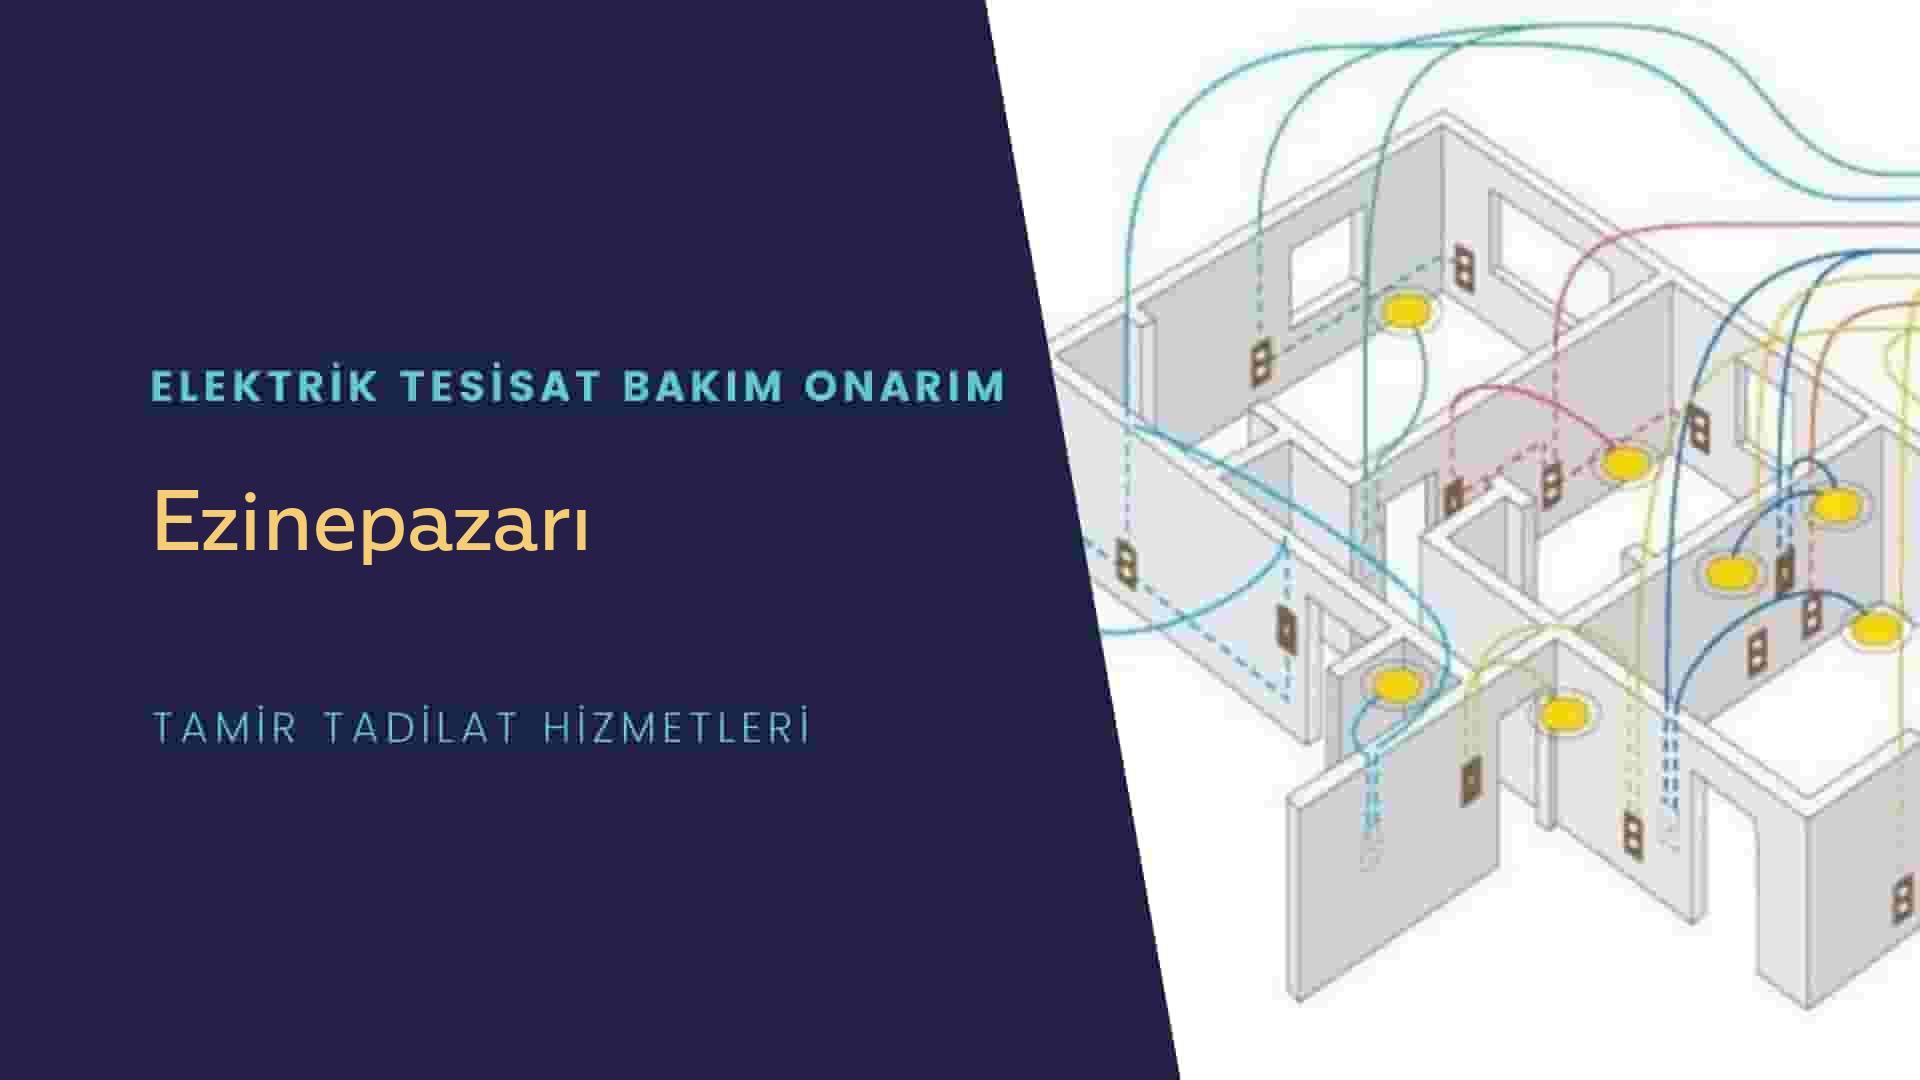 Ezinepazarı'da elektrik tesisatıustalarımı arıyorsunuz doğru adrestenizi Ezinepazarı elektrik tesisatı ustalarımız 7/24 sizlere hizmet vermekten mutluluk duyar.